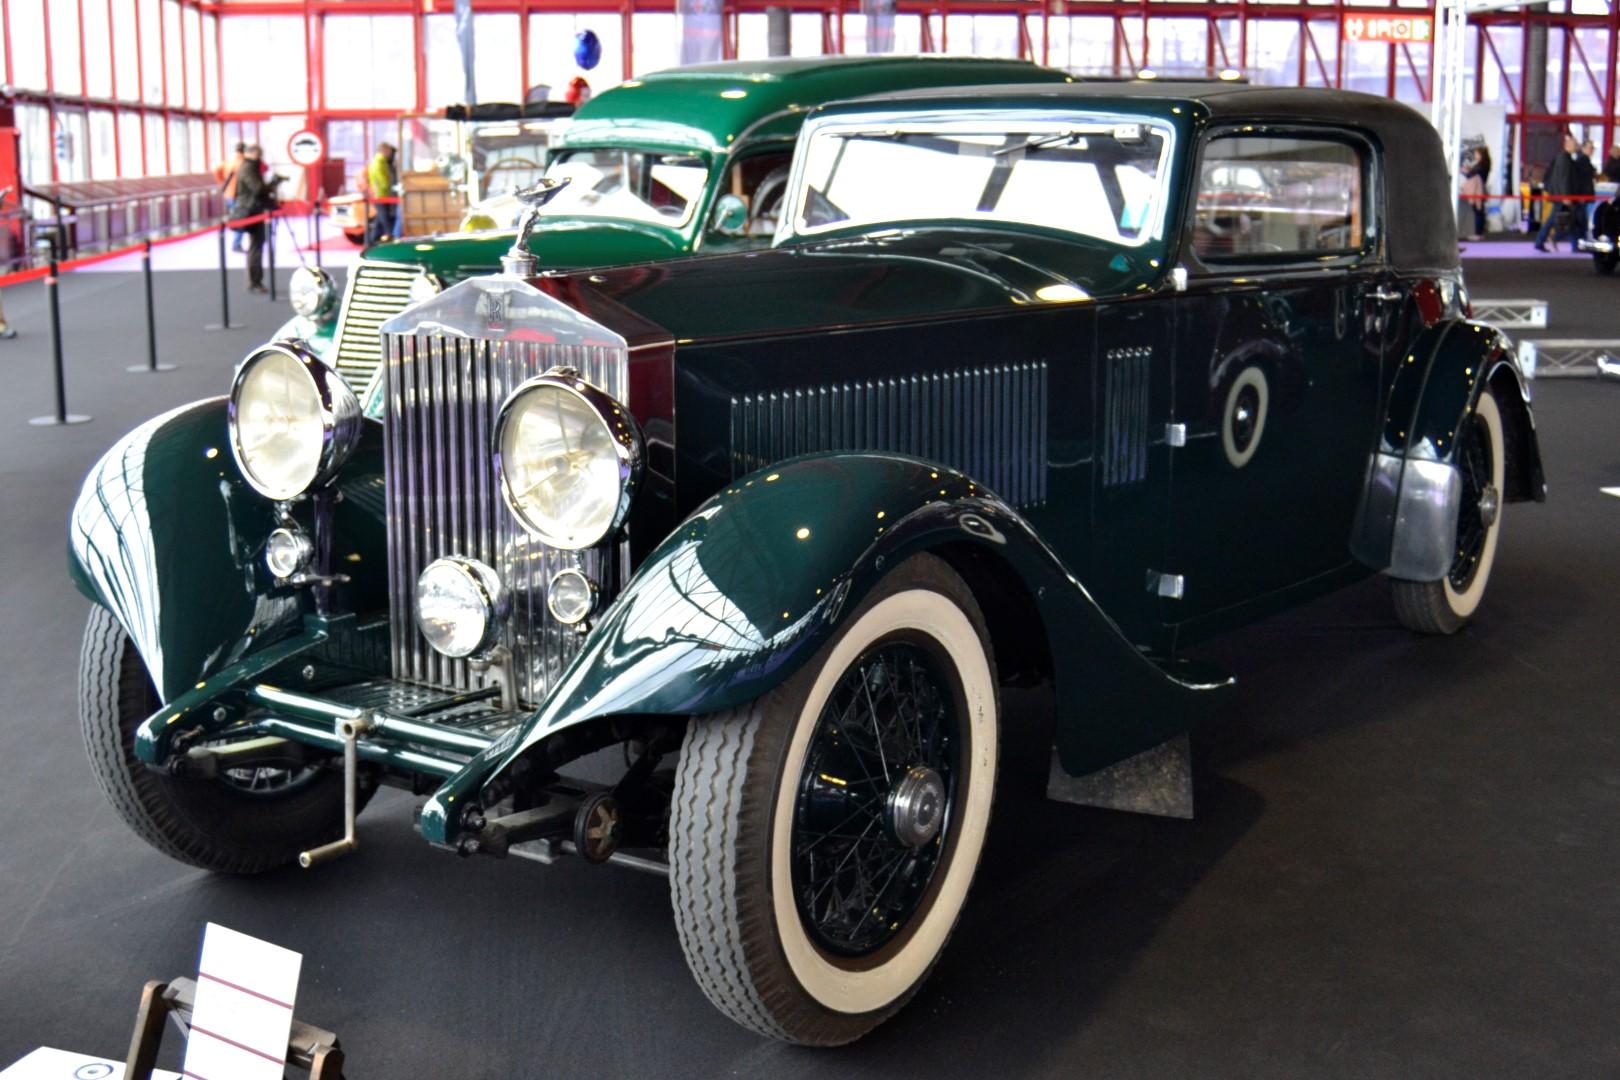 El Rolls-Royce II fue el tercer y ultimo de los modelos 40/50 de la marca, caracterizado por el lujo y la elegancia que tiene Rolls-Royce.